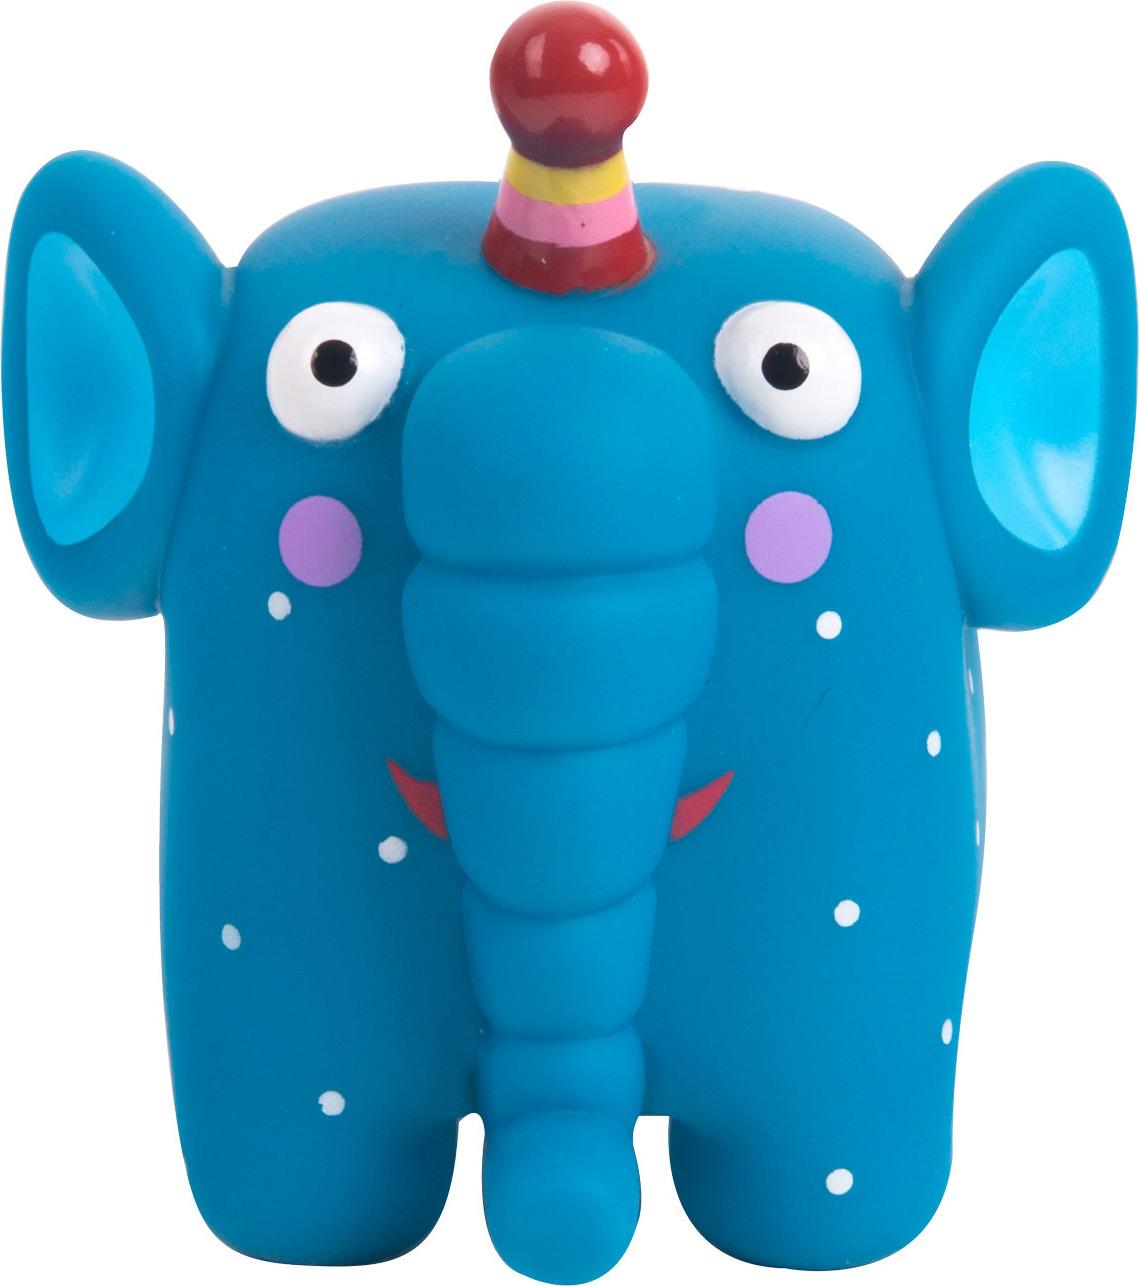 Игрушка для ванной Деревяшки Слон Ду-Ду каталка деревяшки слон ду ду синий